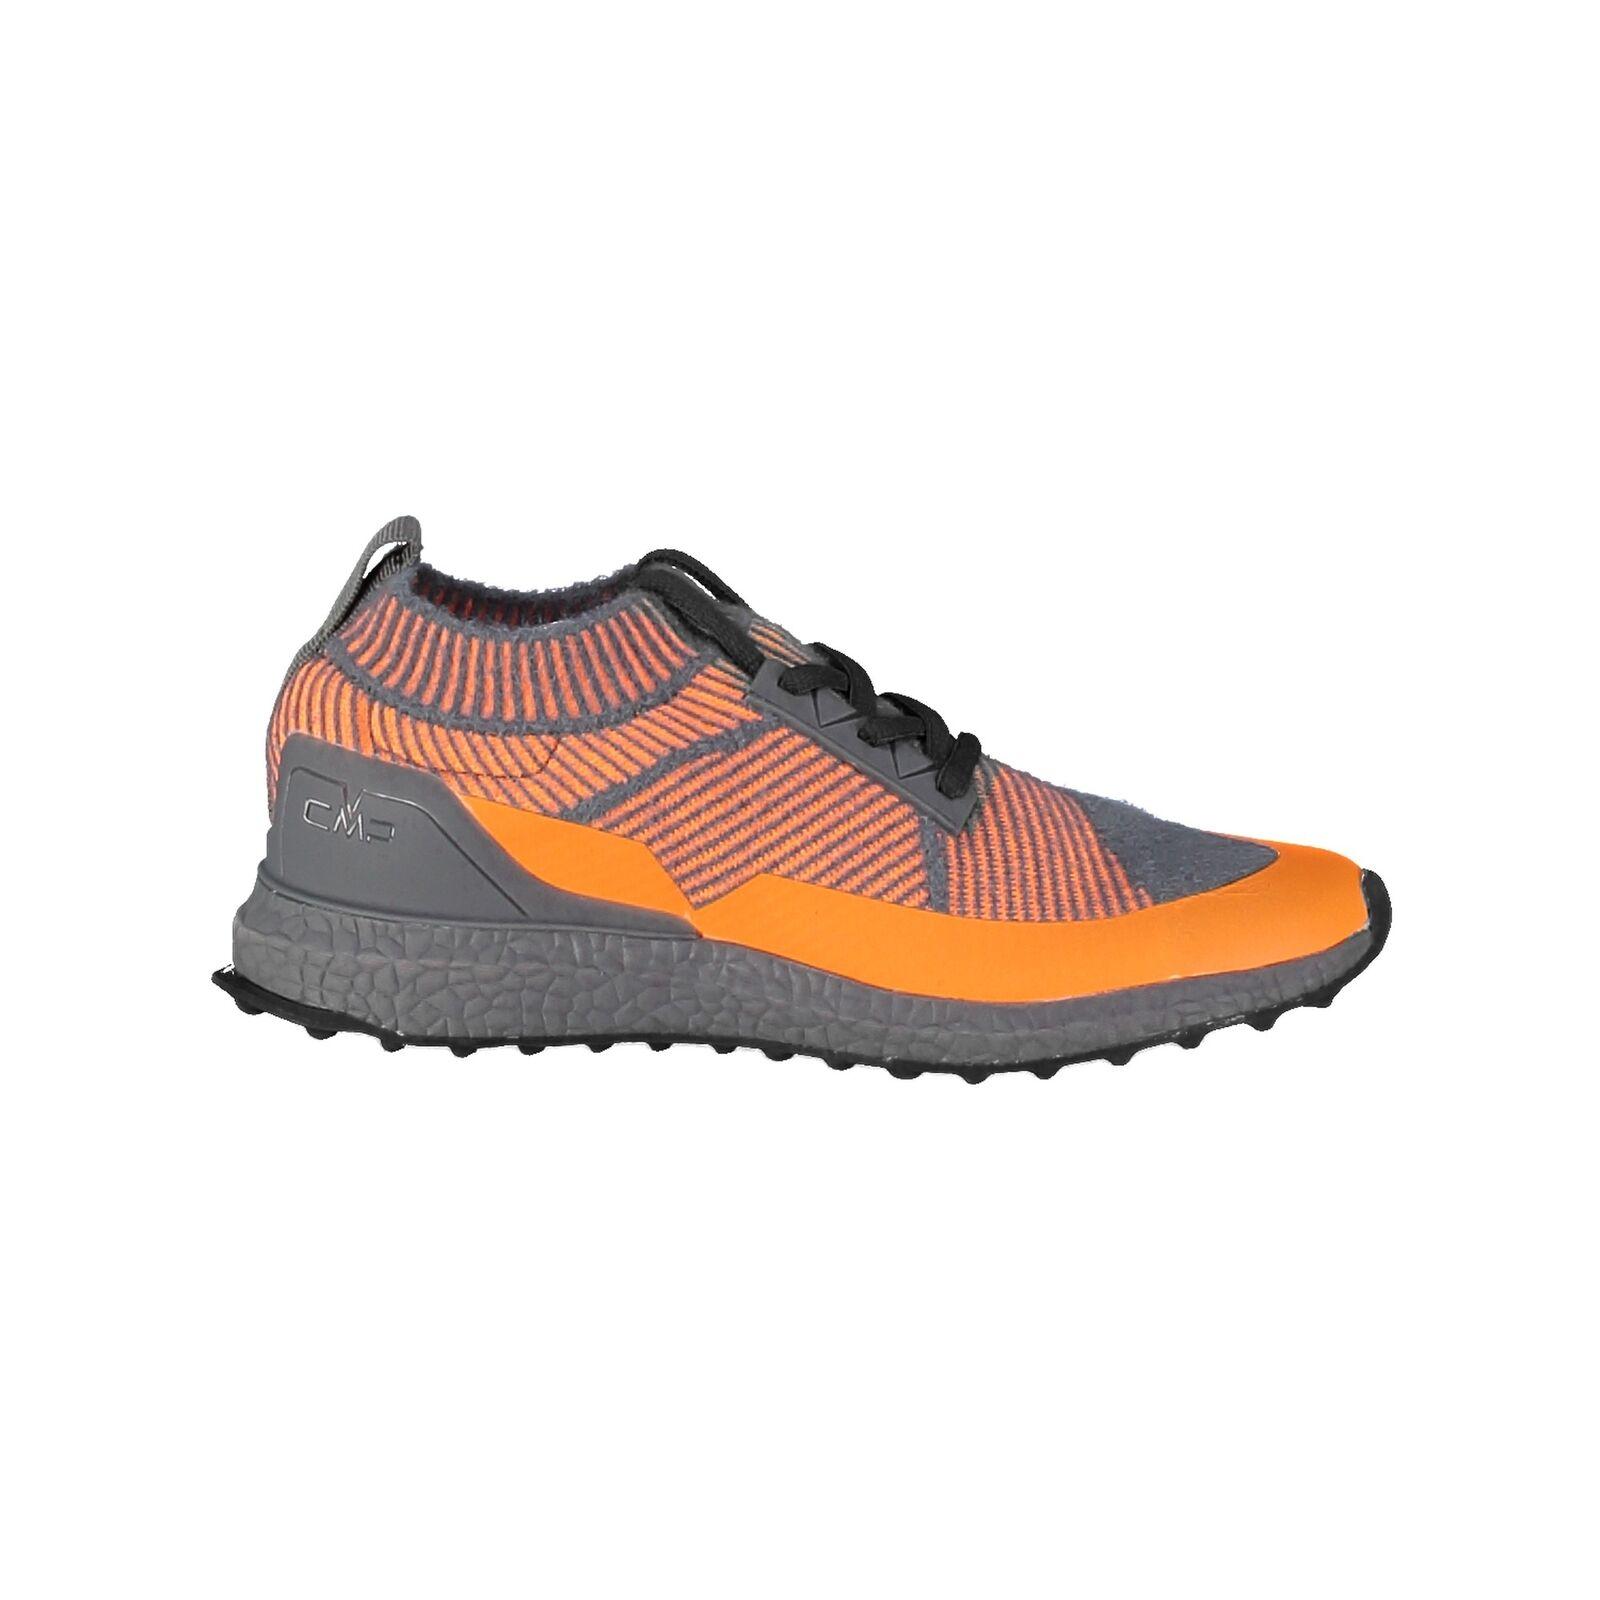 CMP shoes da Ginnastica Nembus Lana Wmn Stile  di Vita shoes Arancione in Nylon  cheapest